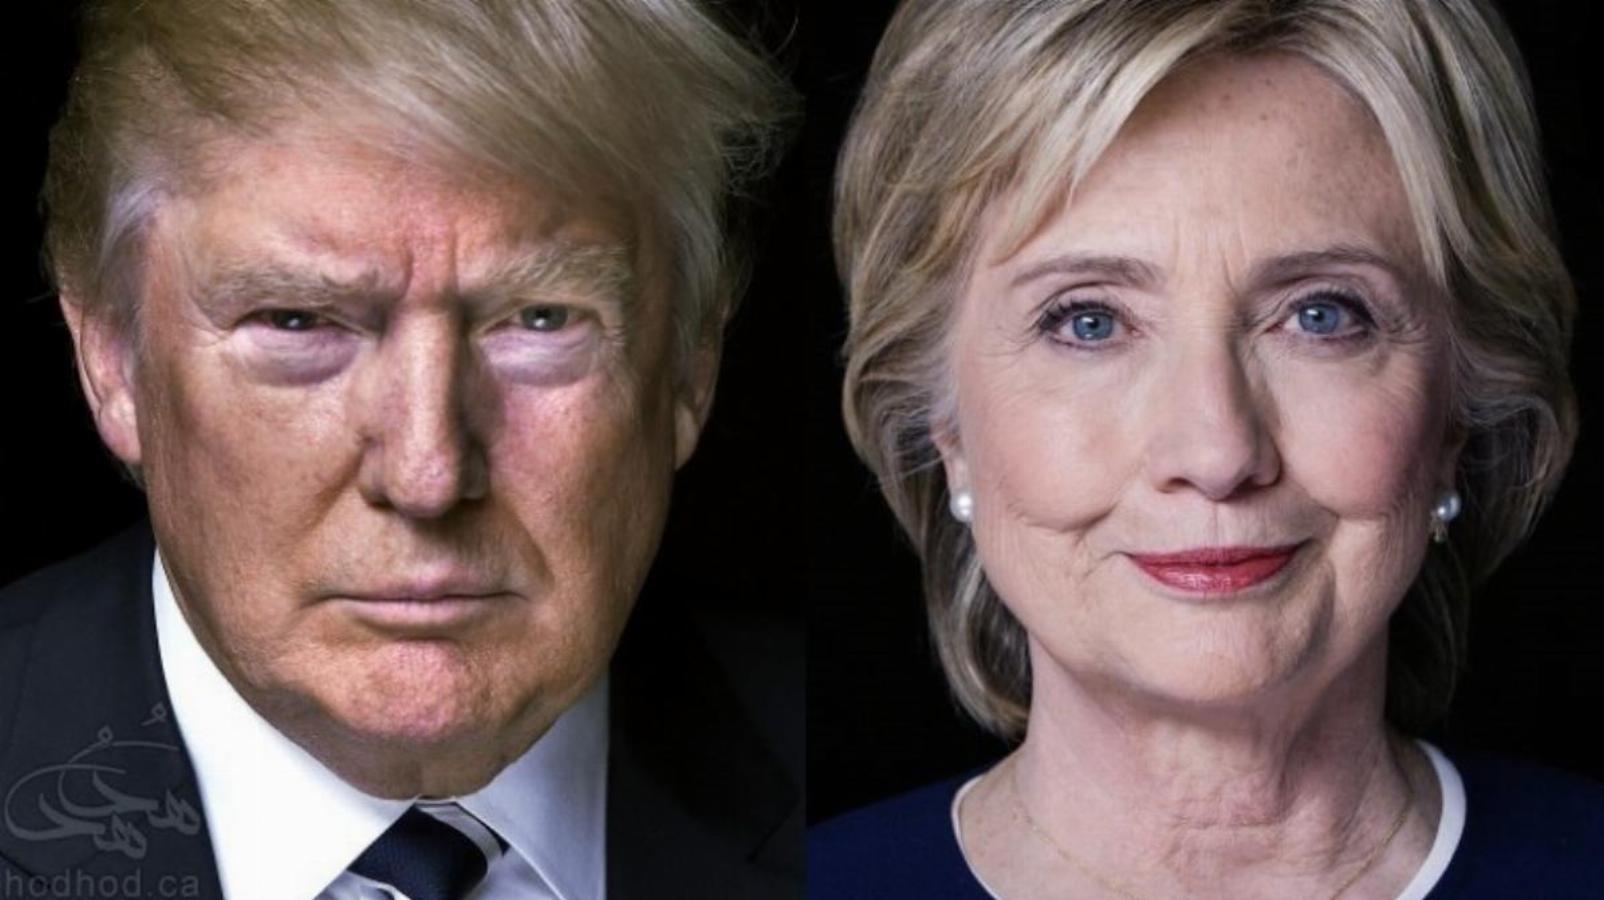 نقش شبکه های اجتماعی در انتخابات ریاست جمهوری 2016 آمریکا